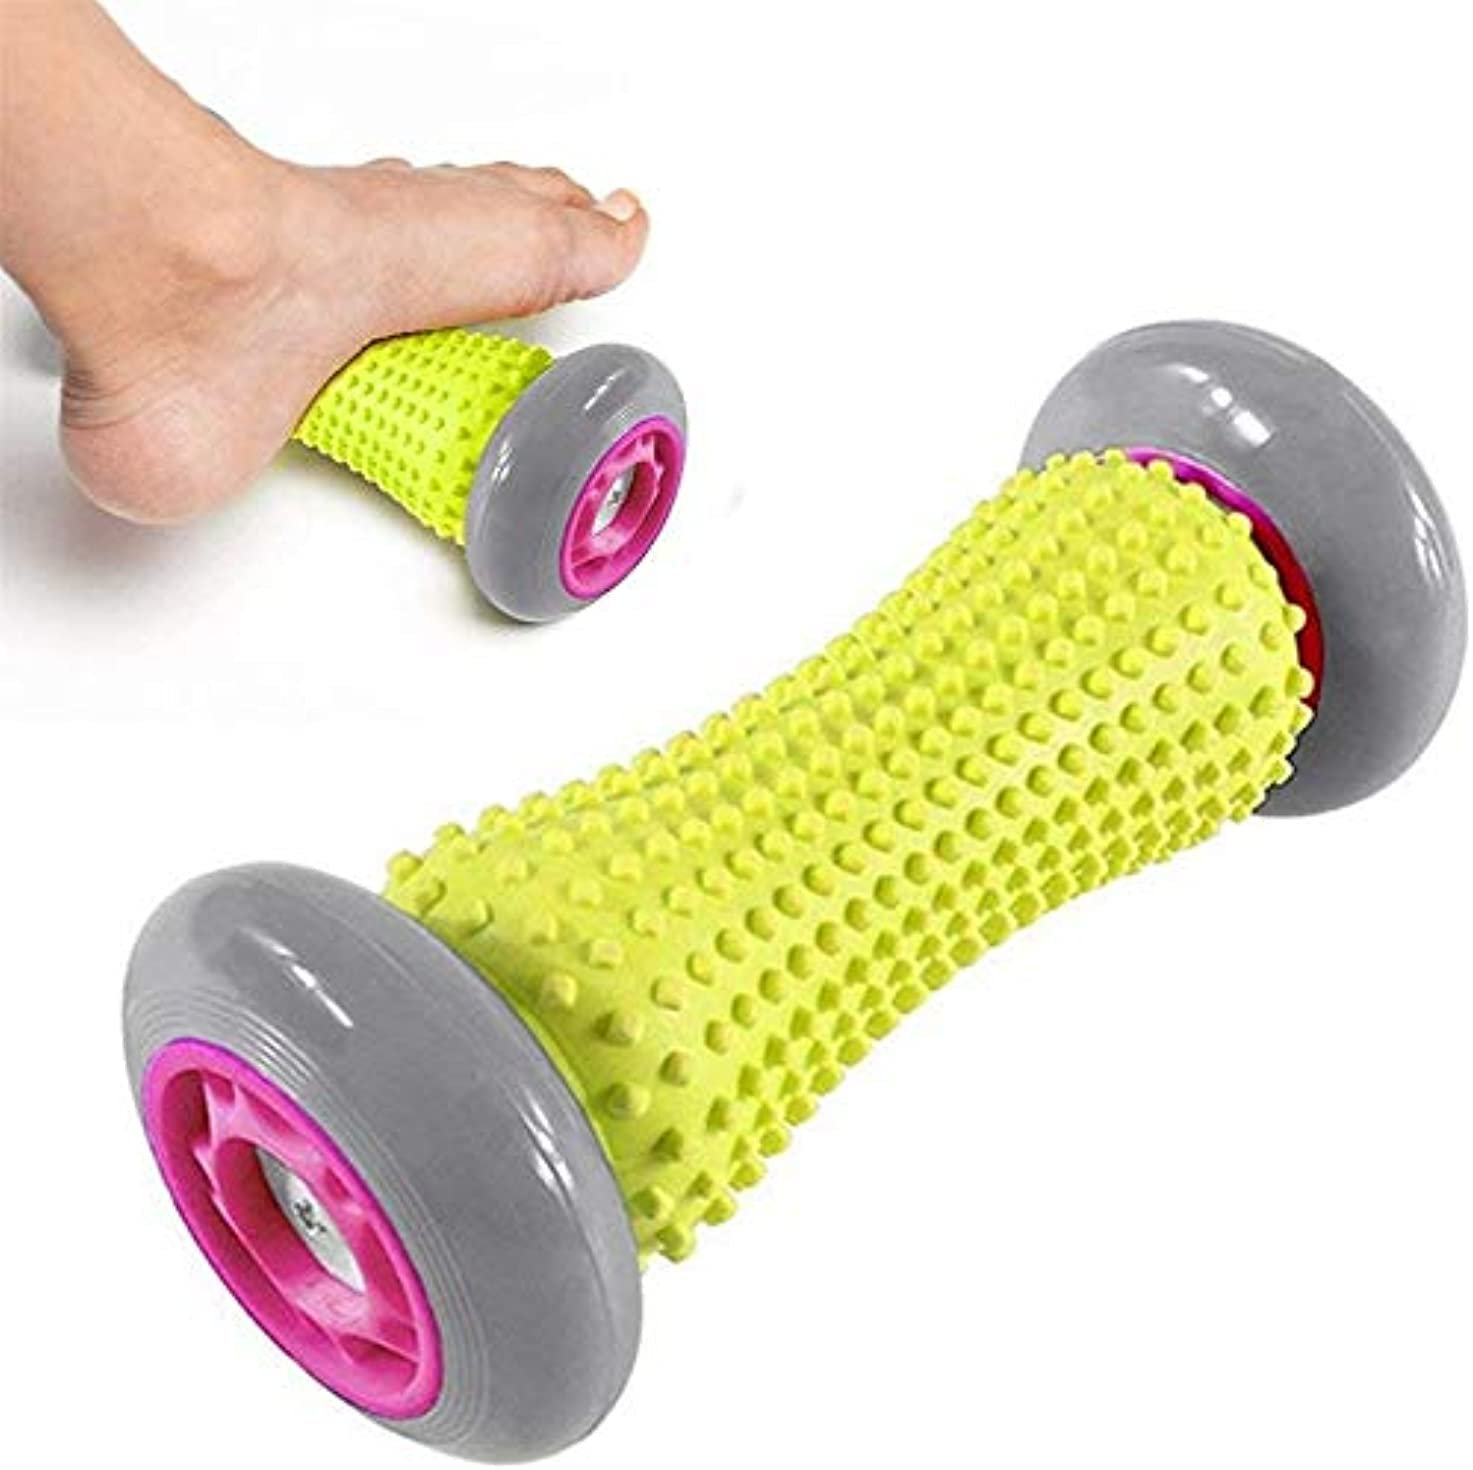 起きて研磨靄フットマッサージローラー、リラクゼーションとストレス軽減のために足のアーチの痛みと足底筋膜炎の筋肉ローラースティック、指圧リフレクソロジーツールを和らげます